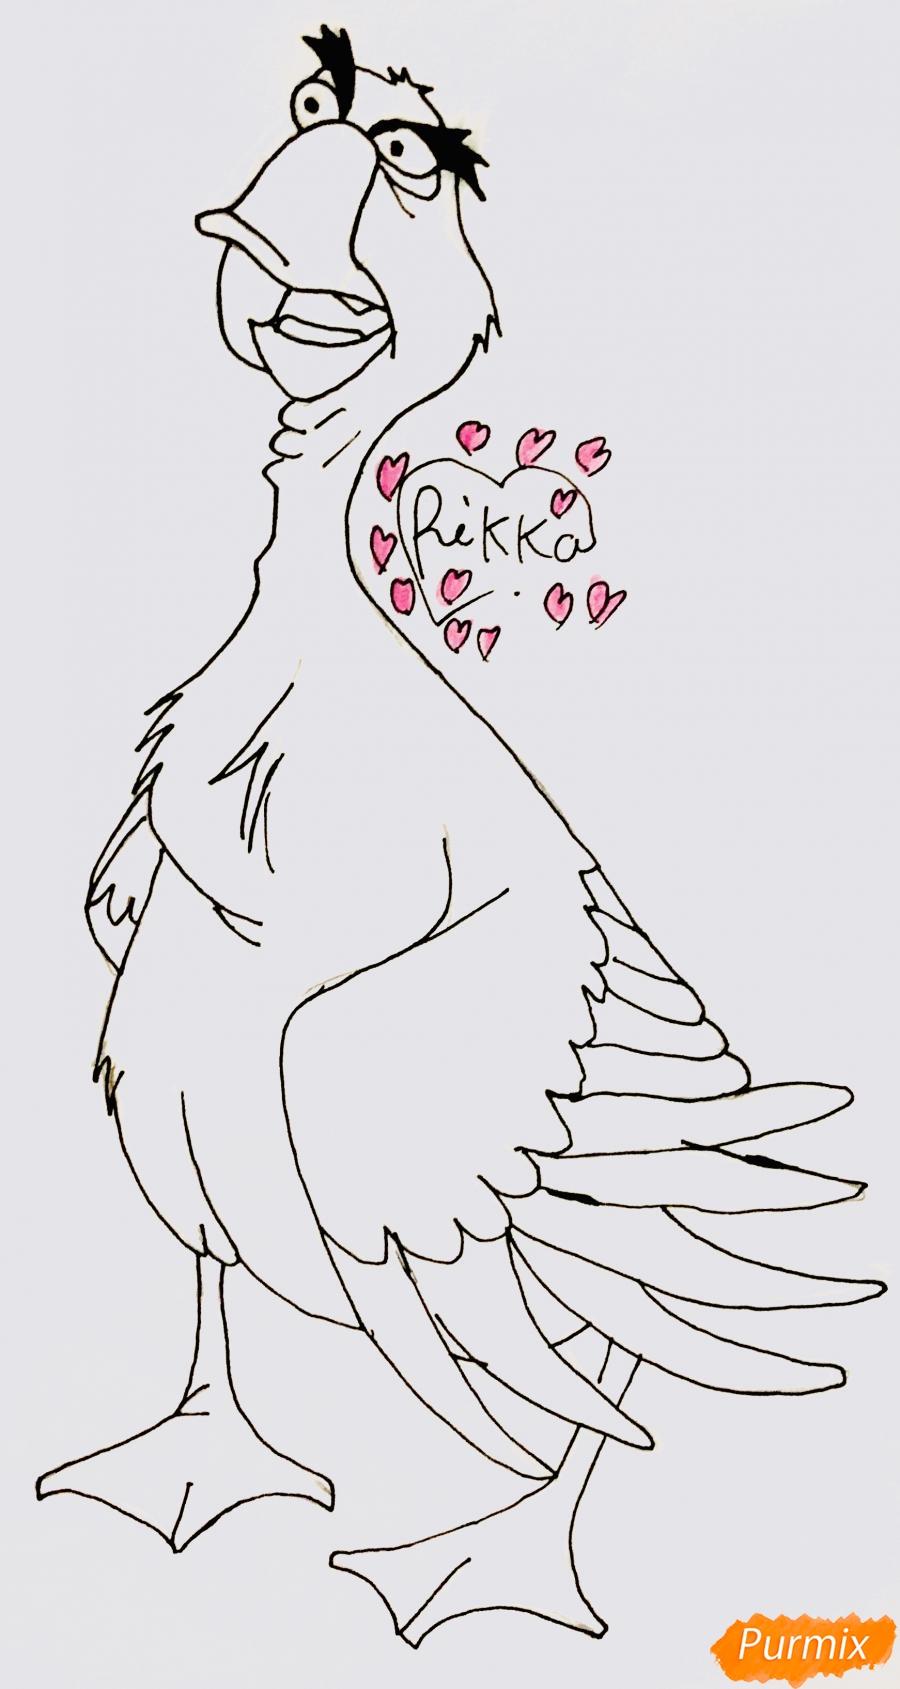 Рисуем гуся по имени Борис из мультфильма Балто карандашами - шаг 4